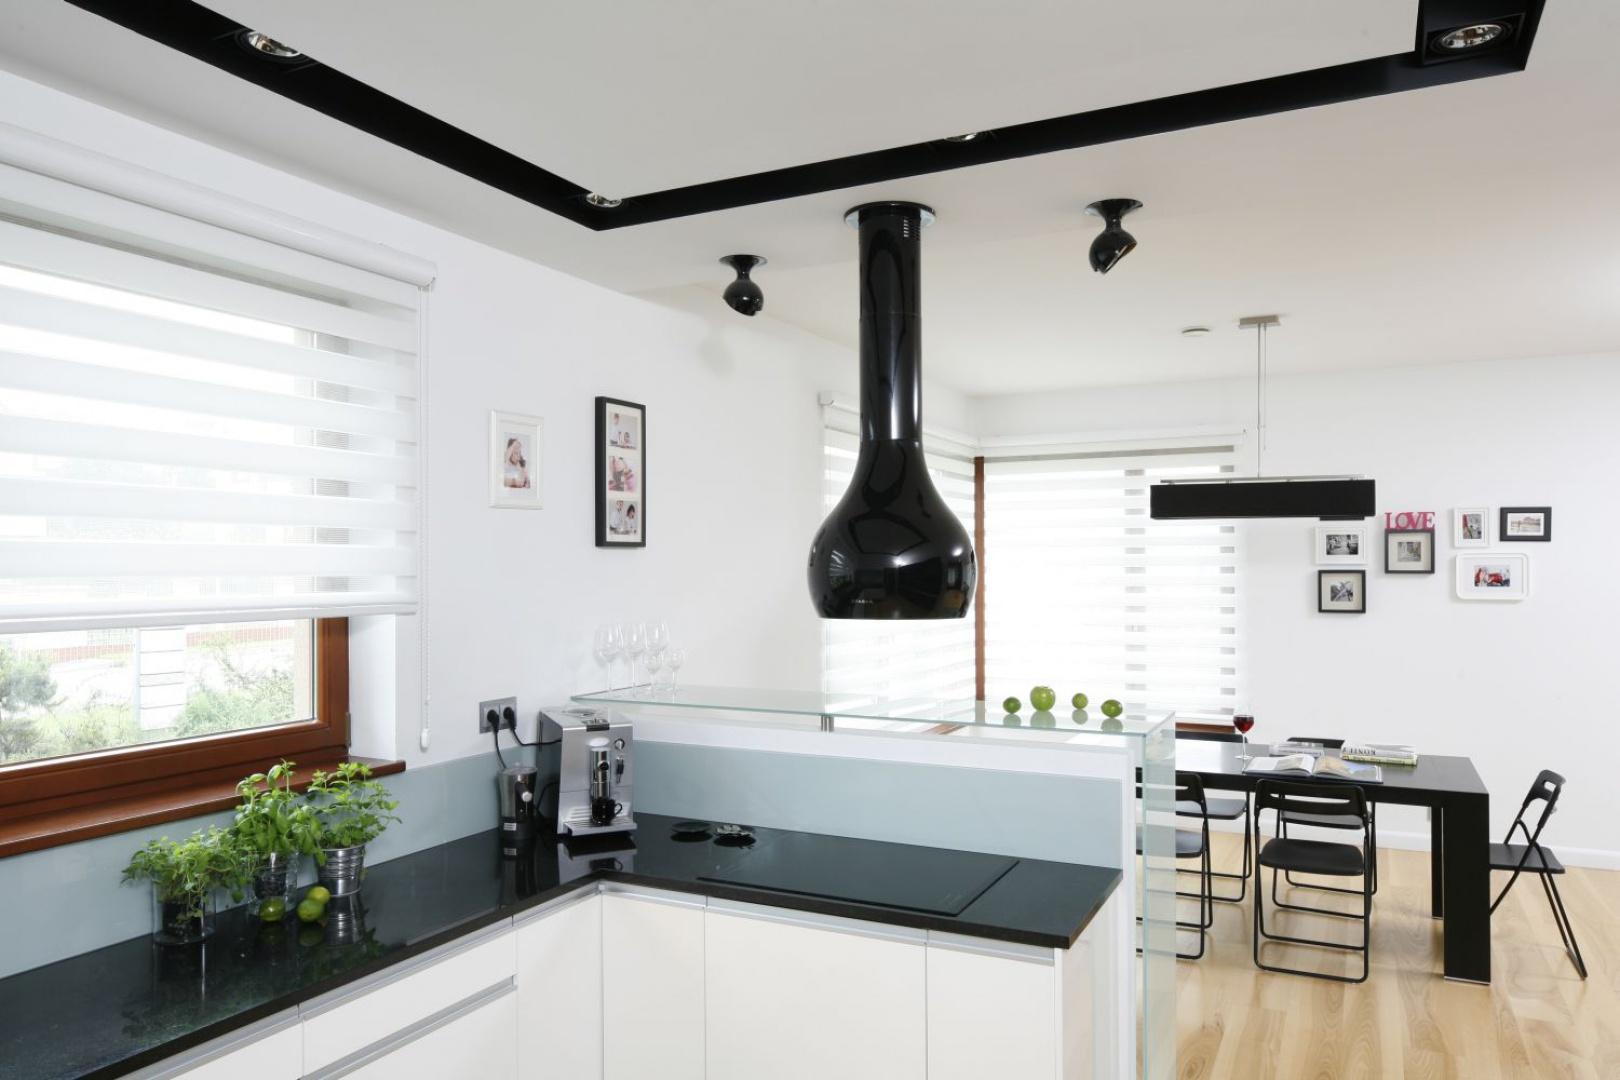 Biała kuchnia z ciemnym blatem Tak urządzisz ją z projektantem  Galeria  D   -> Biala Kuchnia Czarny Blat